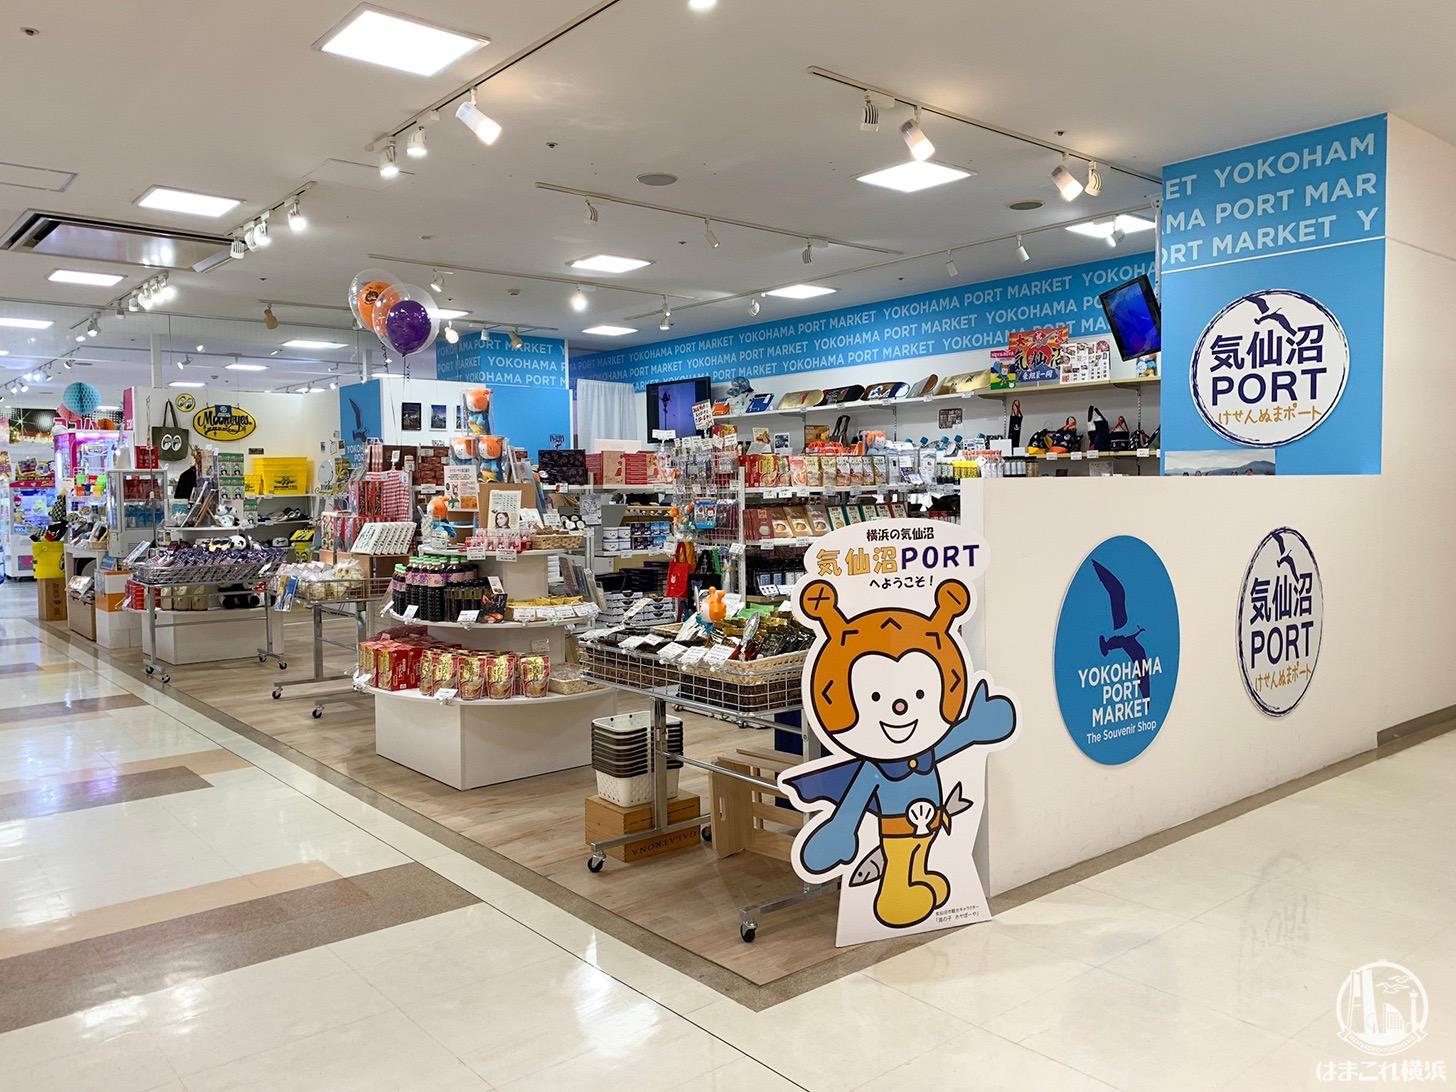 横浜ワールドポーターズ 2階「ヨコハマポートマーケット」